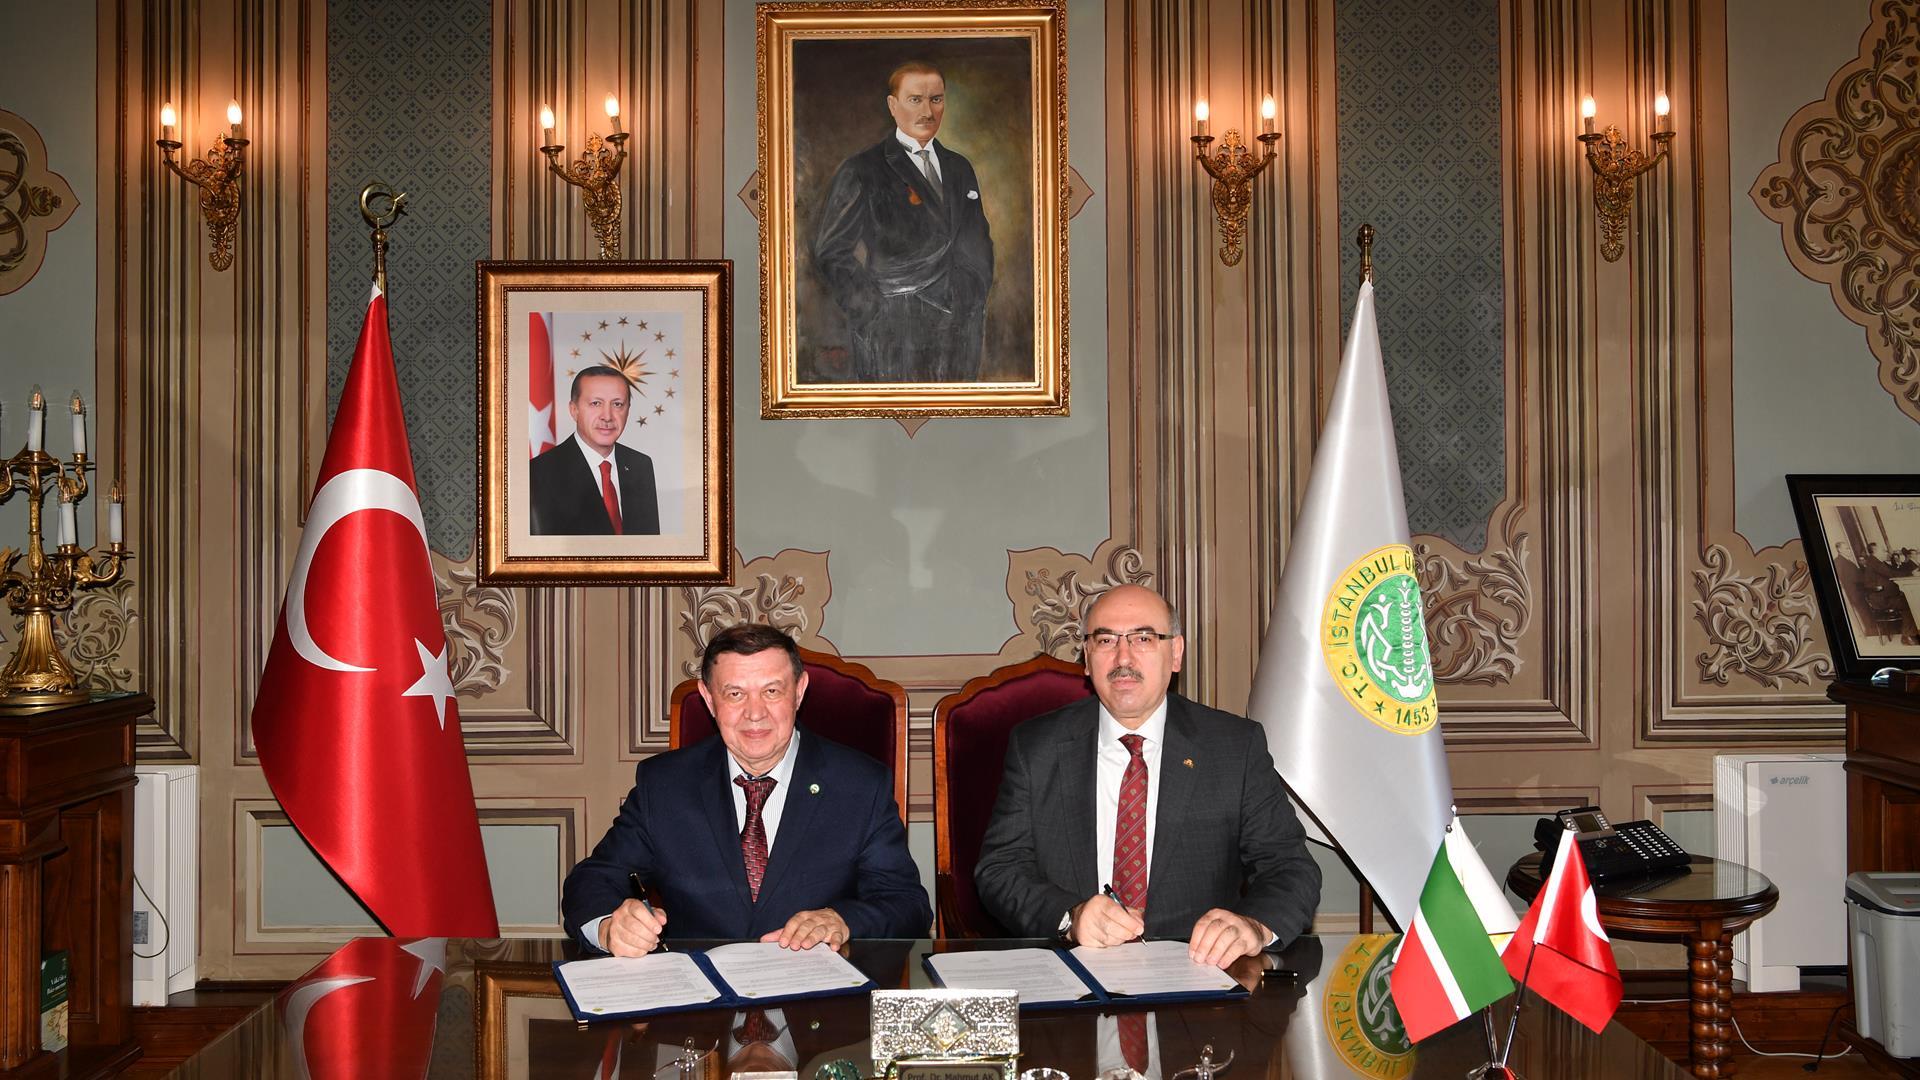 İstanbul-Üniversitesi-ve-Tataristan-Bilimler-Akademisi-Arasında-İş-Birliği-Protokolü-İmzalandı